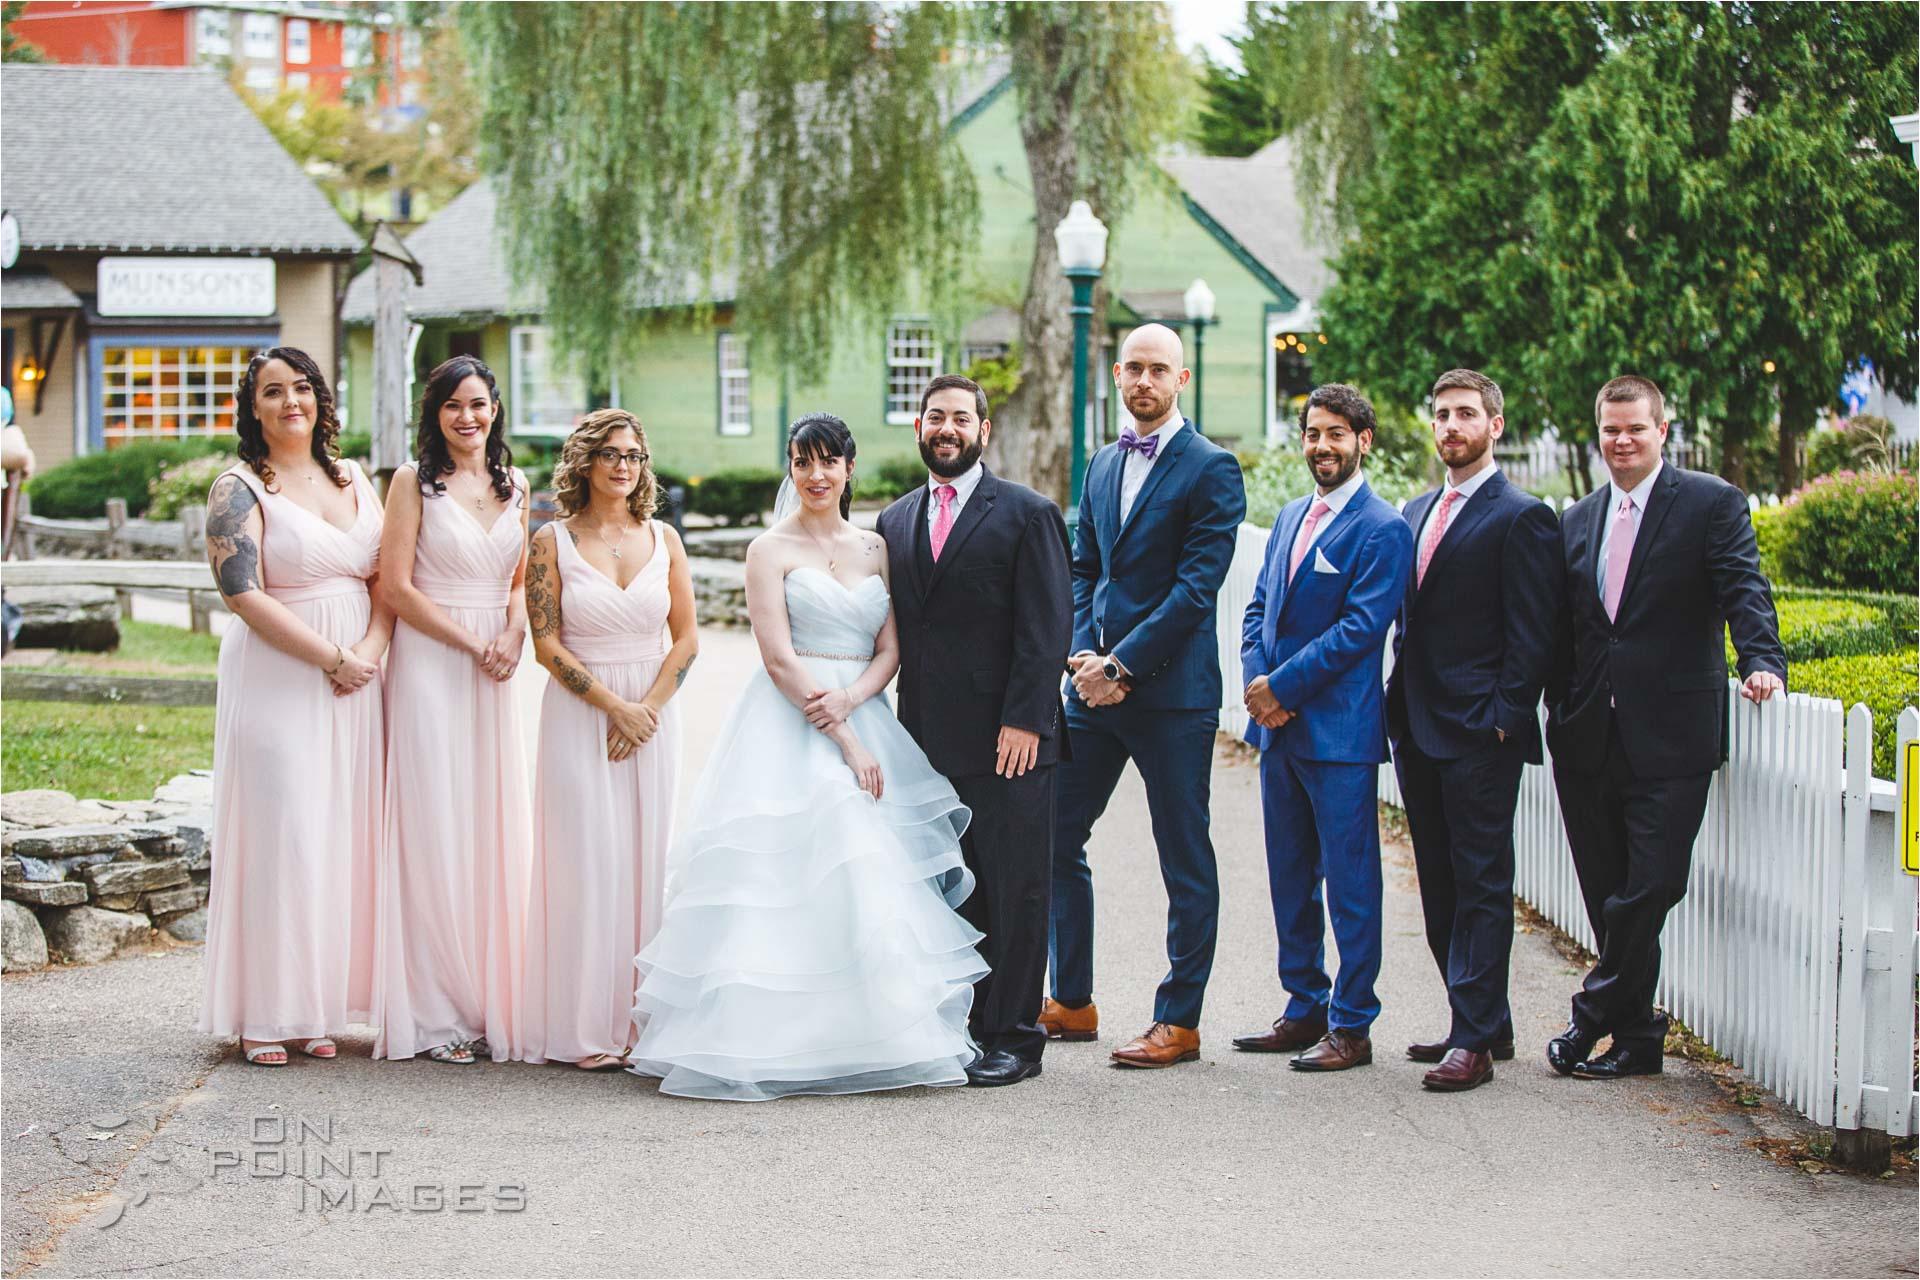 mystic-aquarium-wedding-photographs-16.jpg